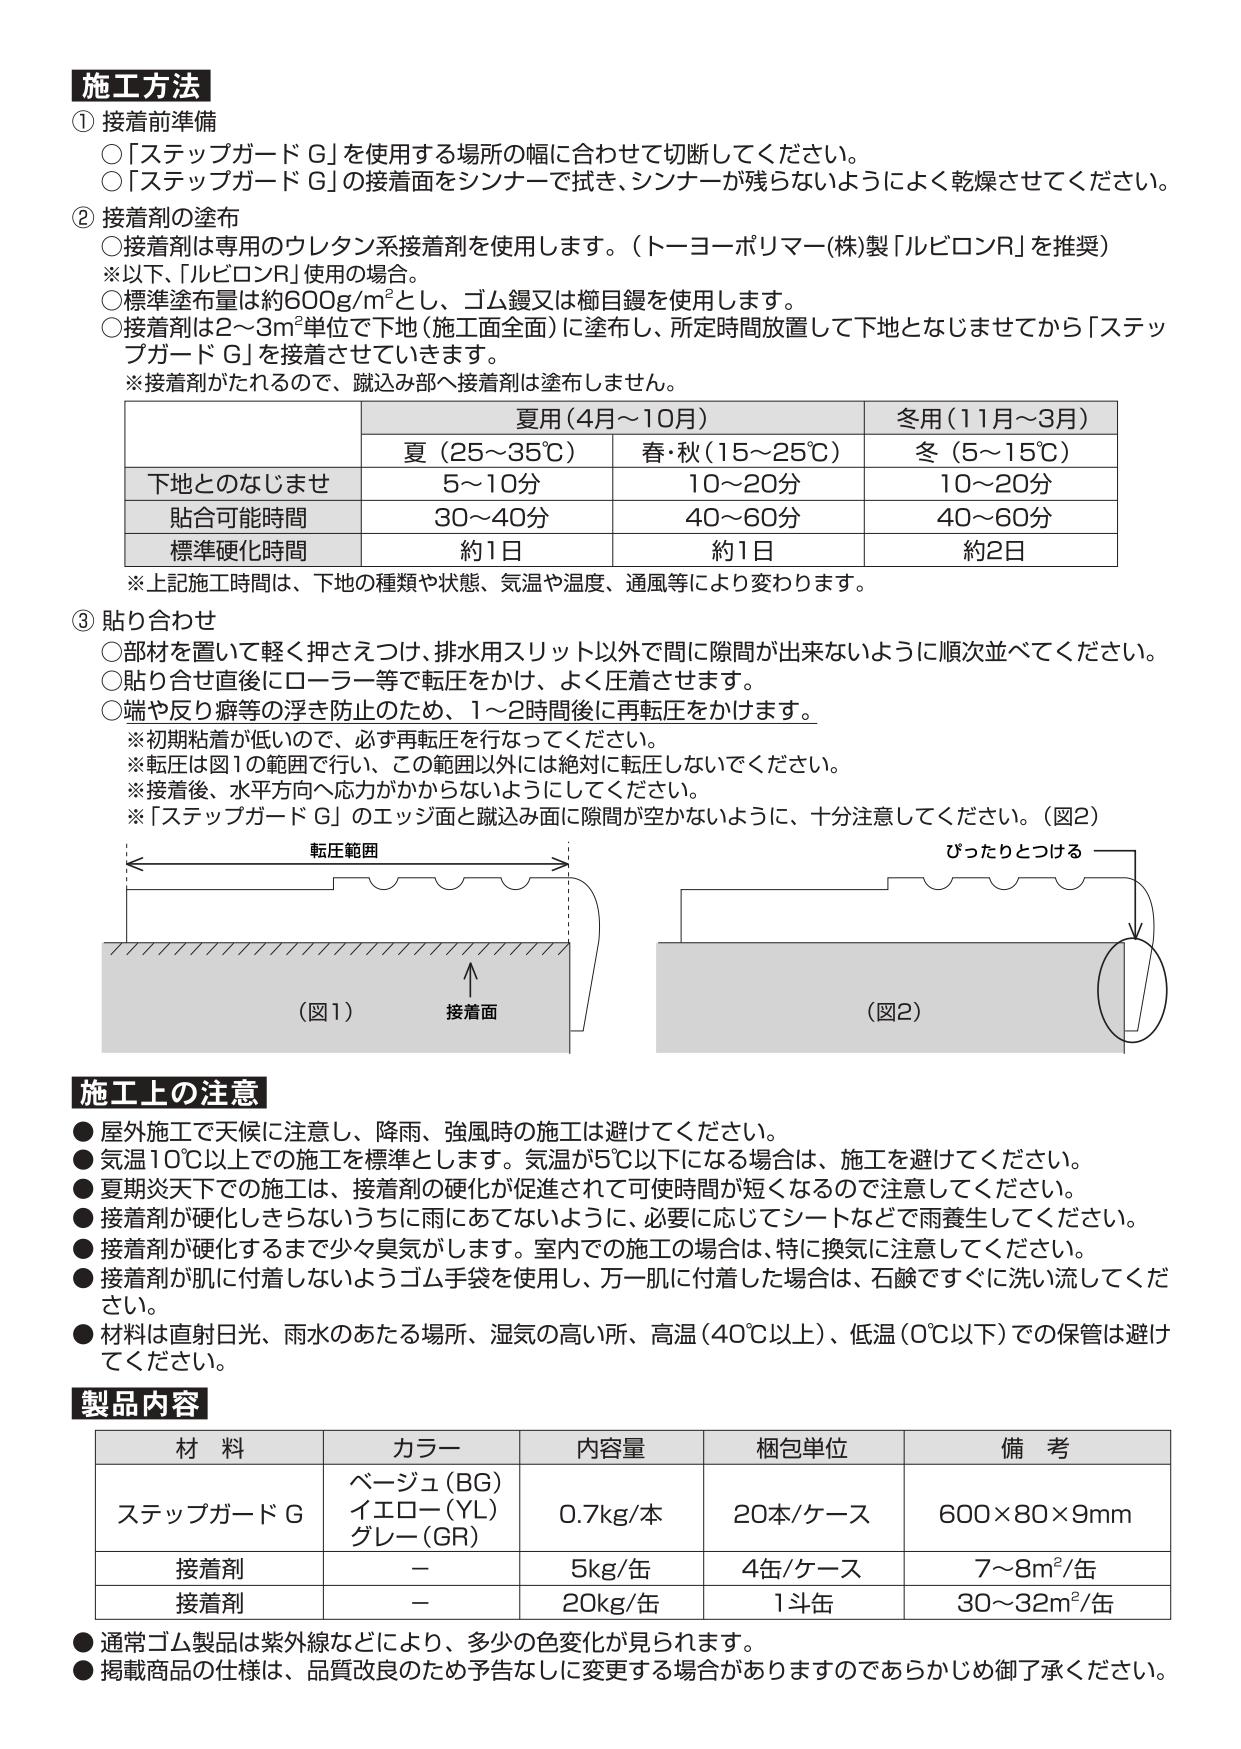 ステップガードG 説明書_page-0002